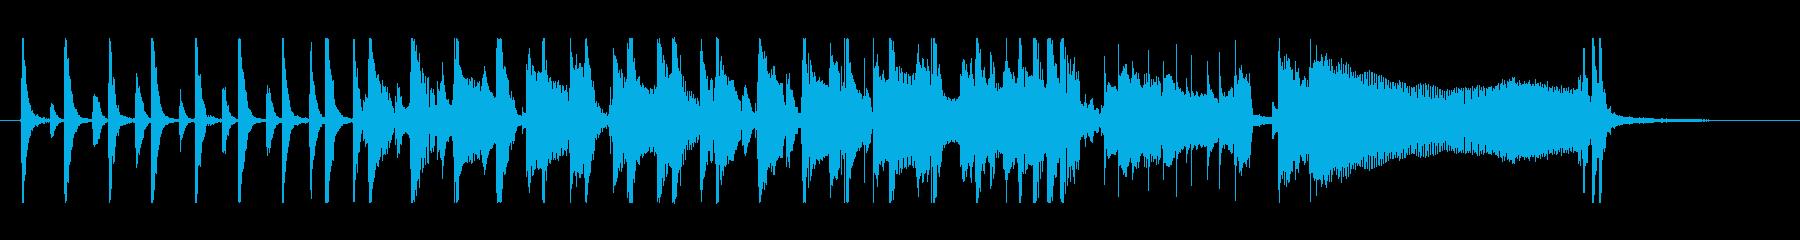 ギターブルースのエンディング【ジングル】の再生済みの波形